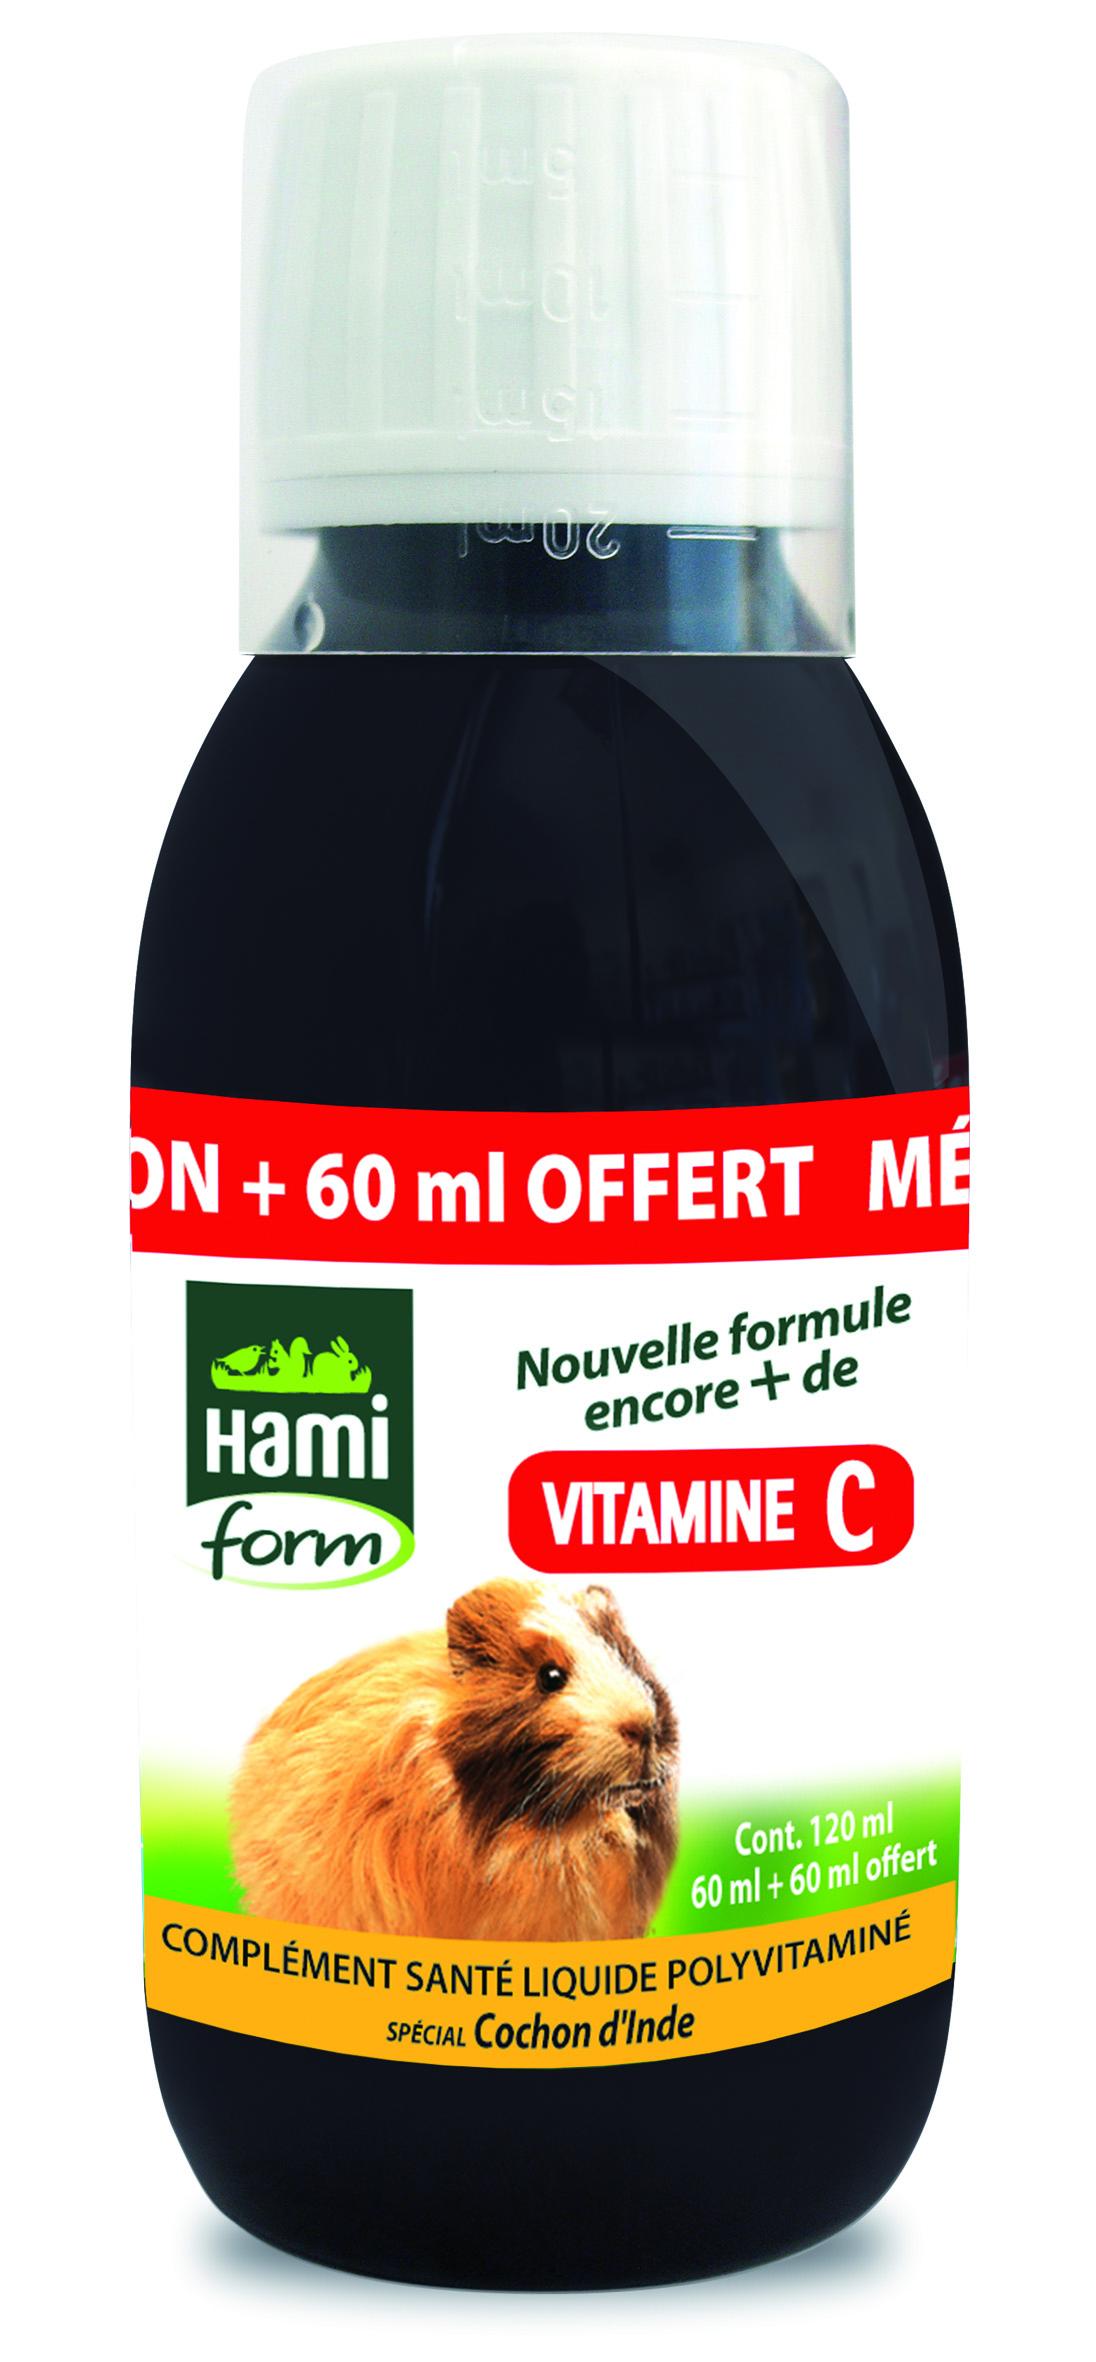 HF VIT MULTI-VITAMINA C 120ml